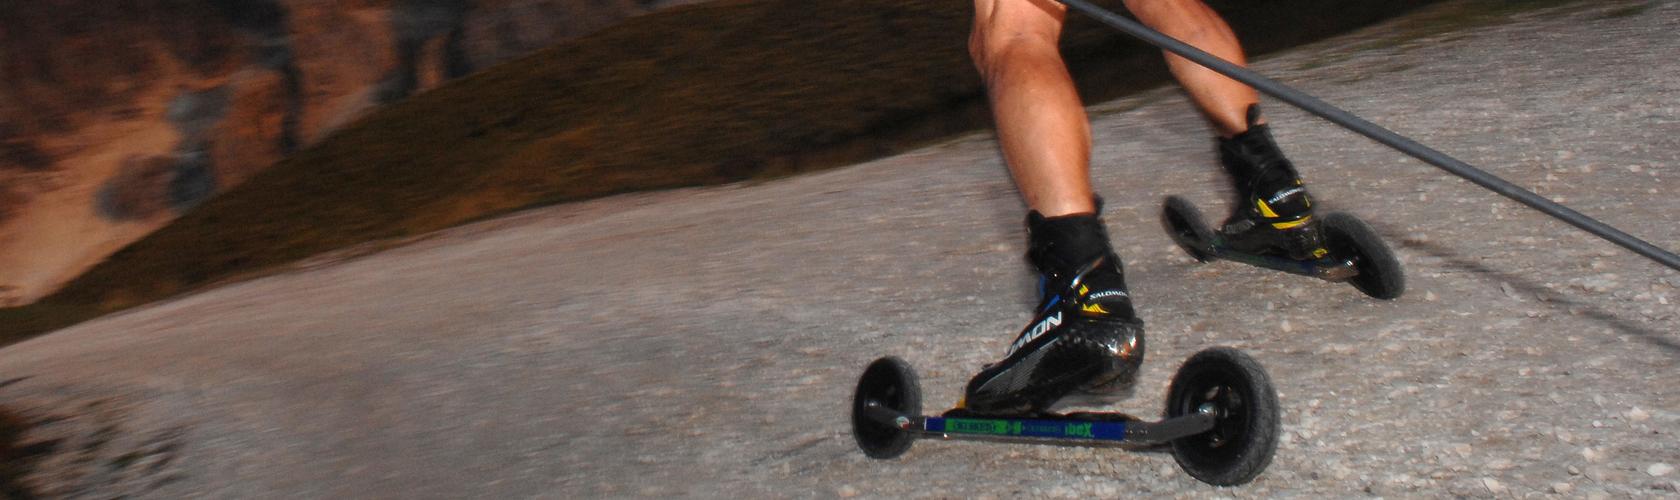 Accademia Ski Skett